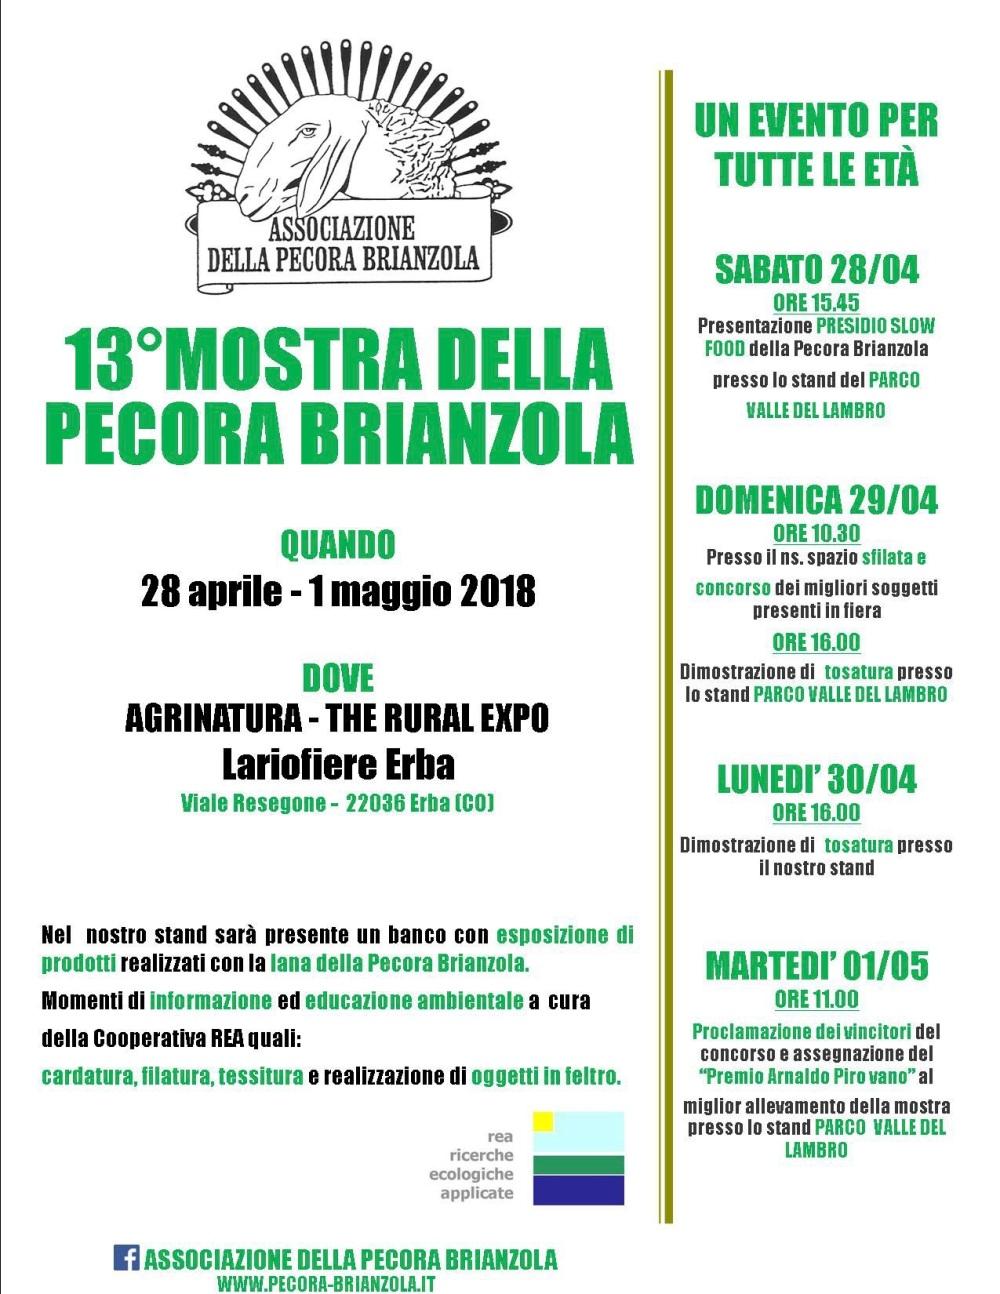 Programma Agrinatura 2018.jpg